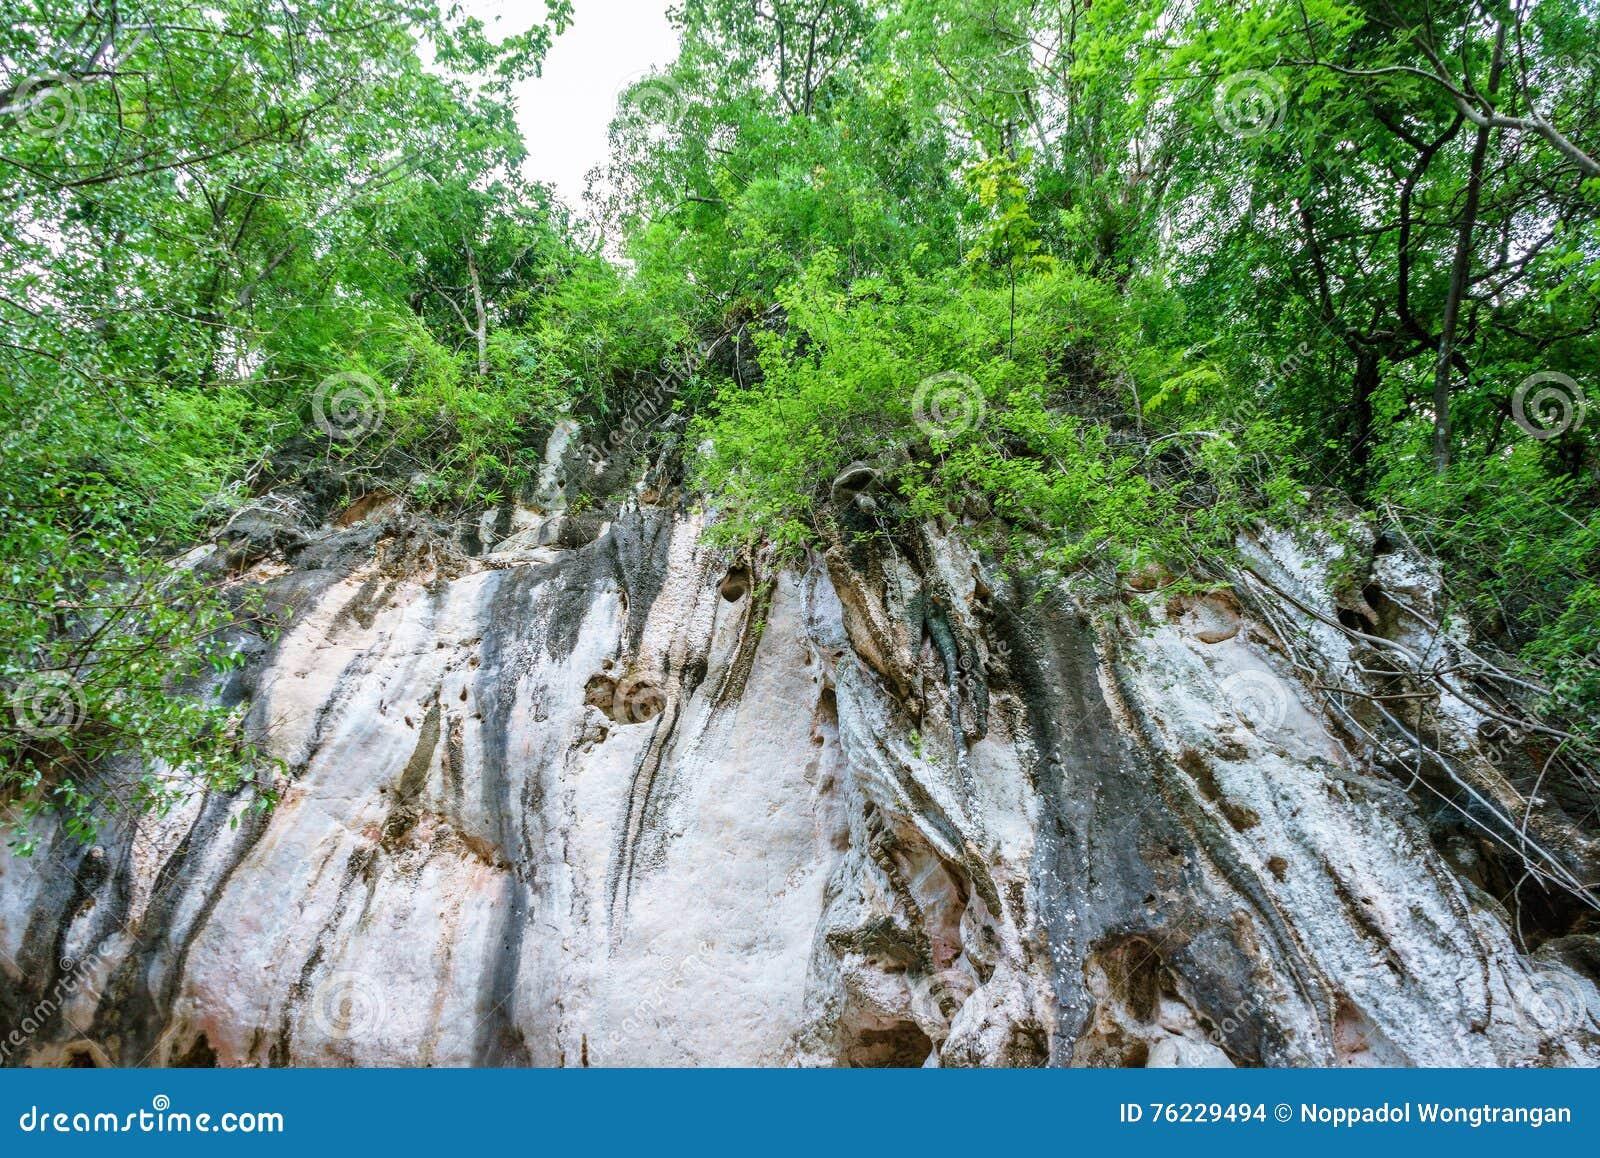 Υψηλός δύσκολος απότομος βράχος στο δάσος